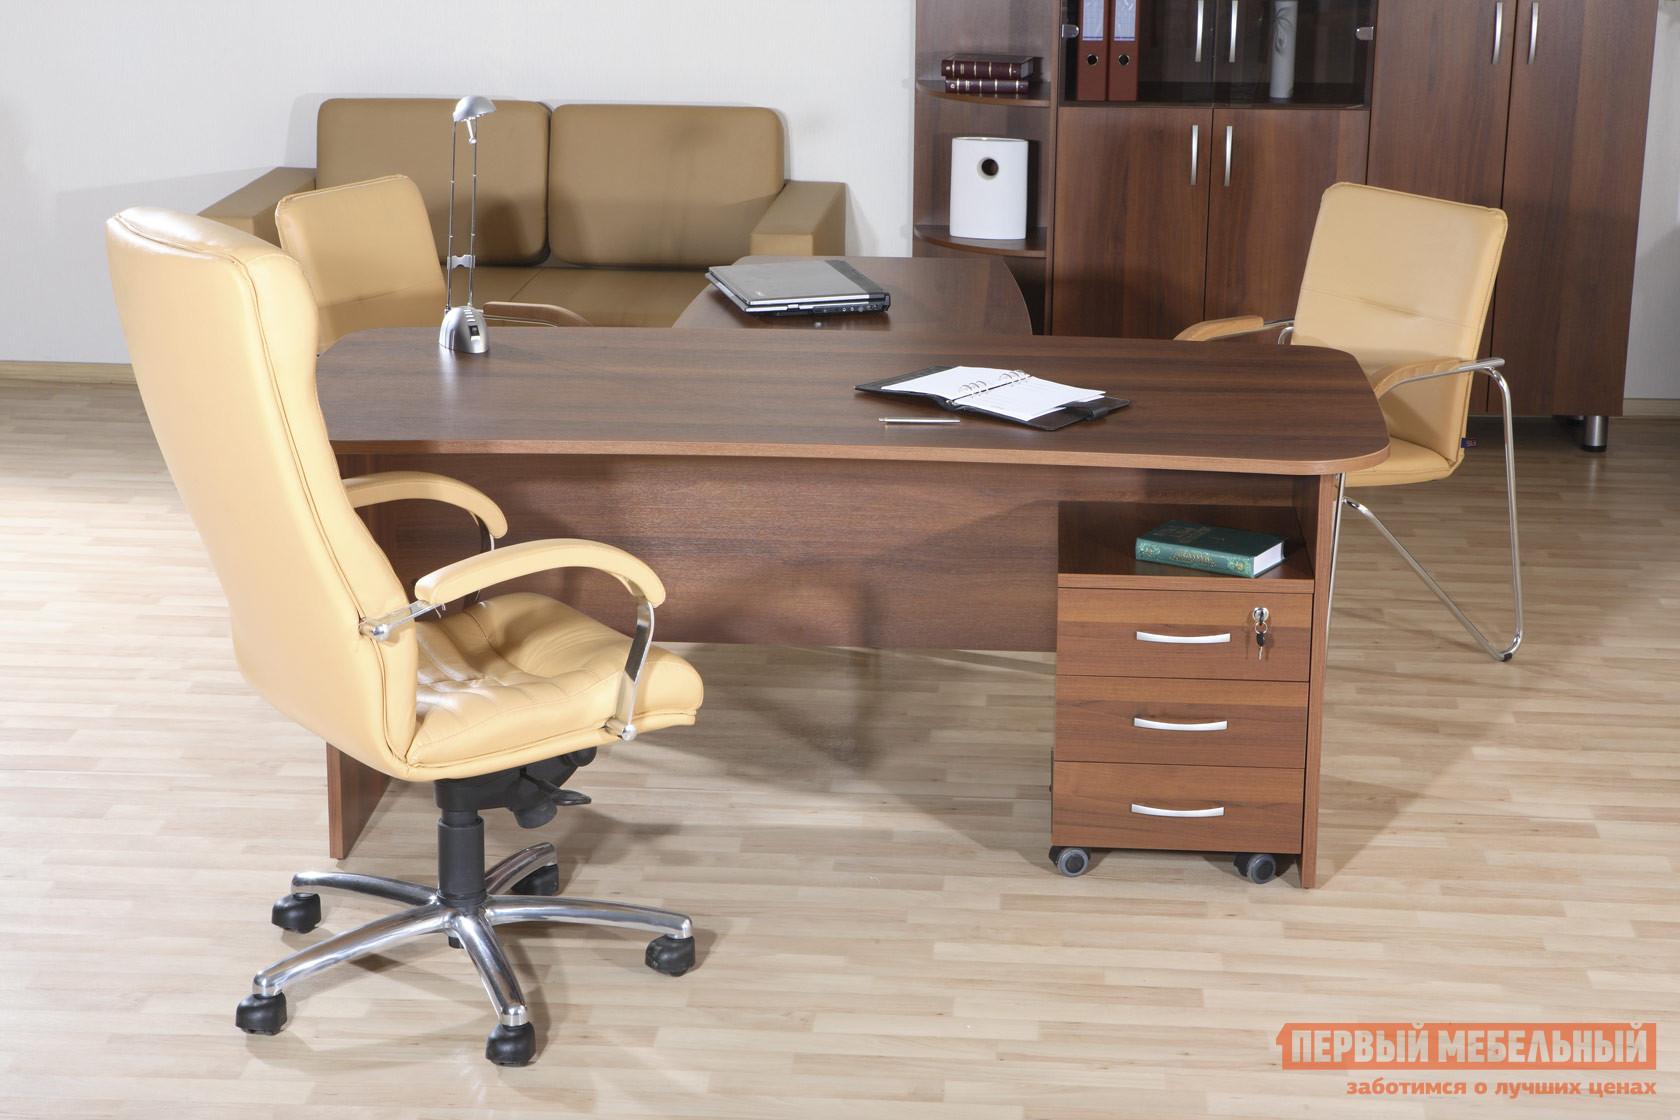 Комплект офисной мебели Витра Лидер К1 комплект офисной мебели витра лидер к1